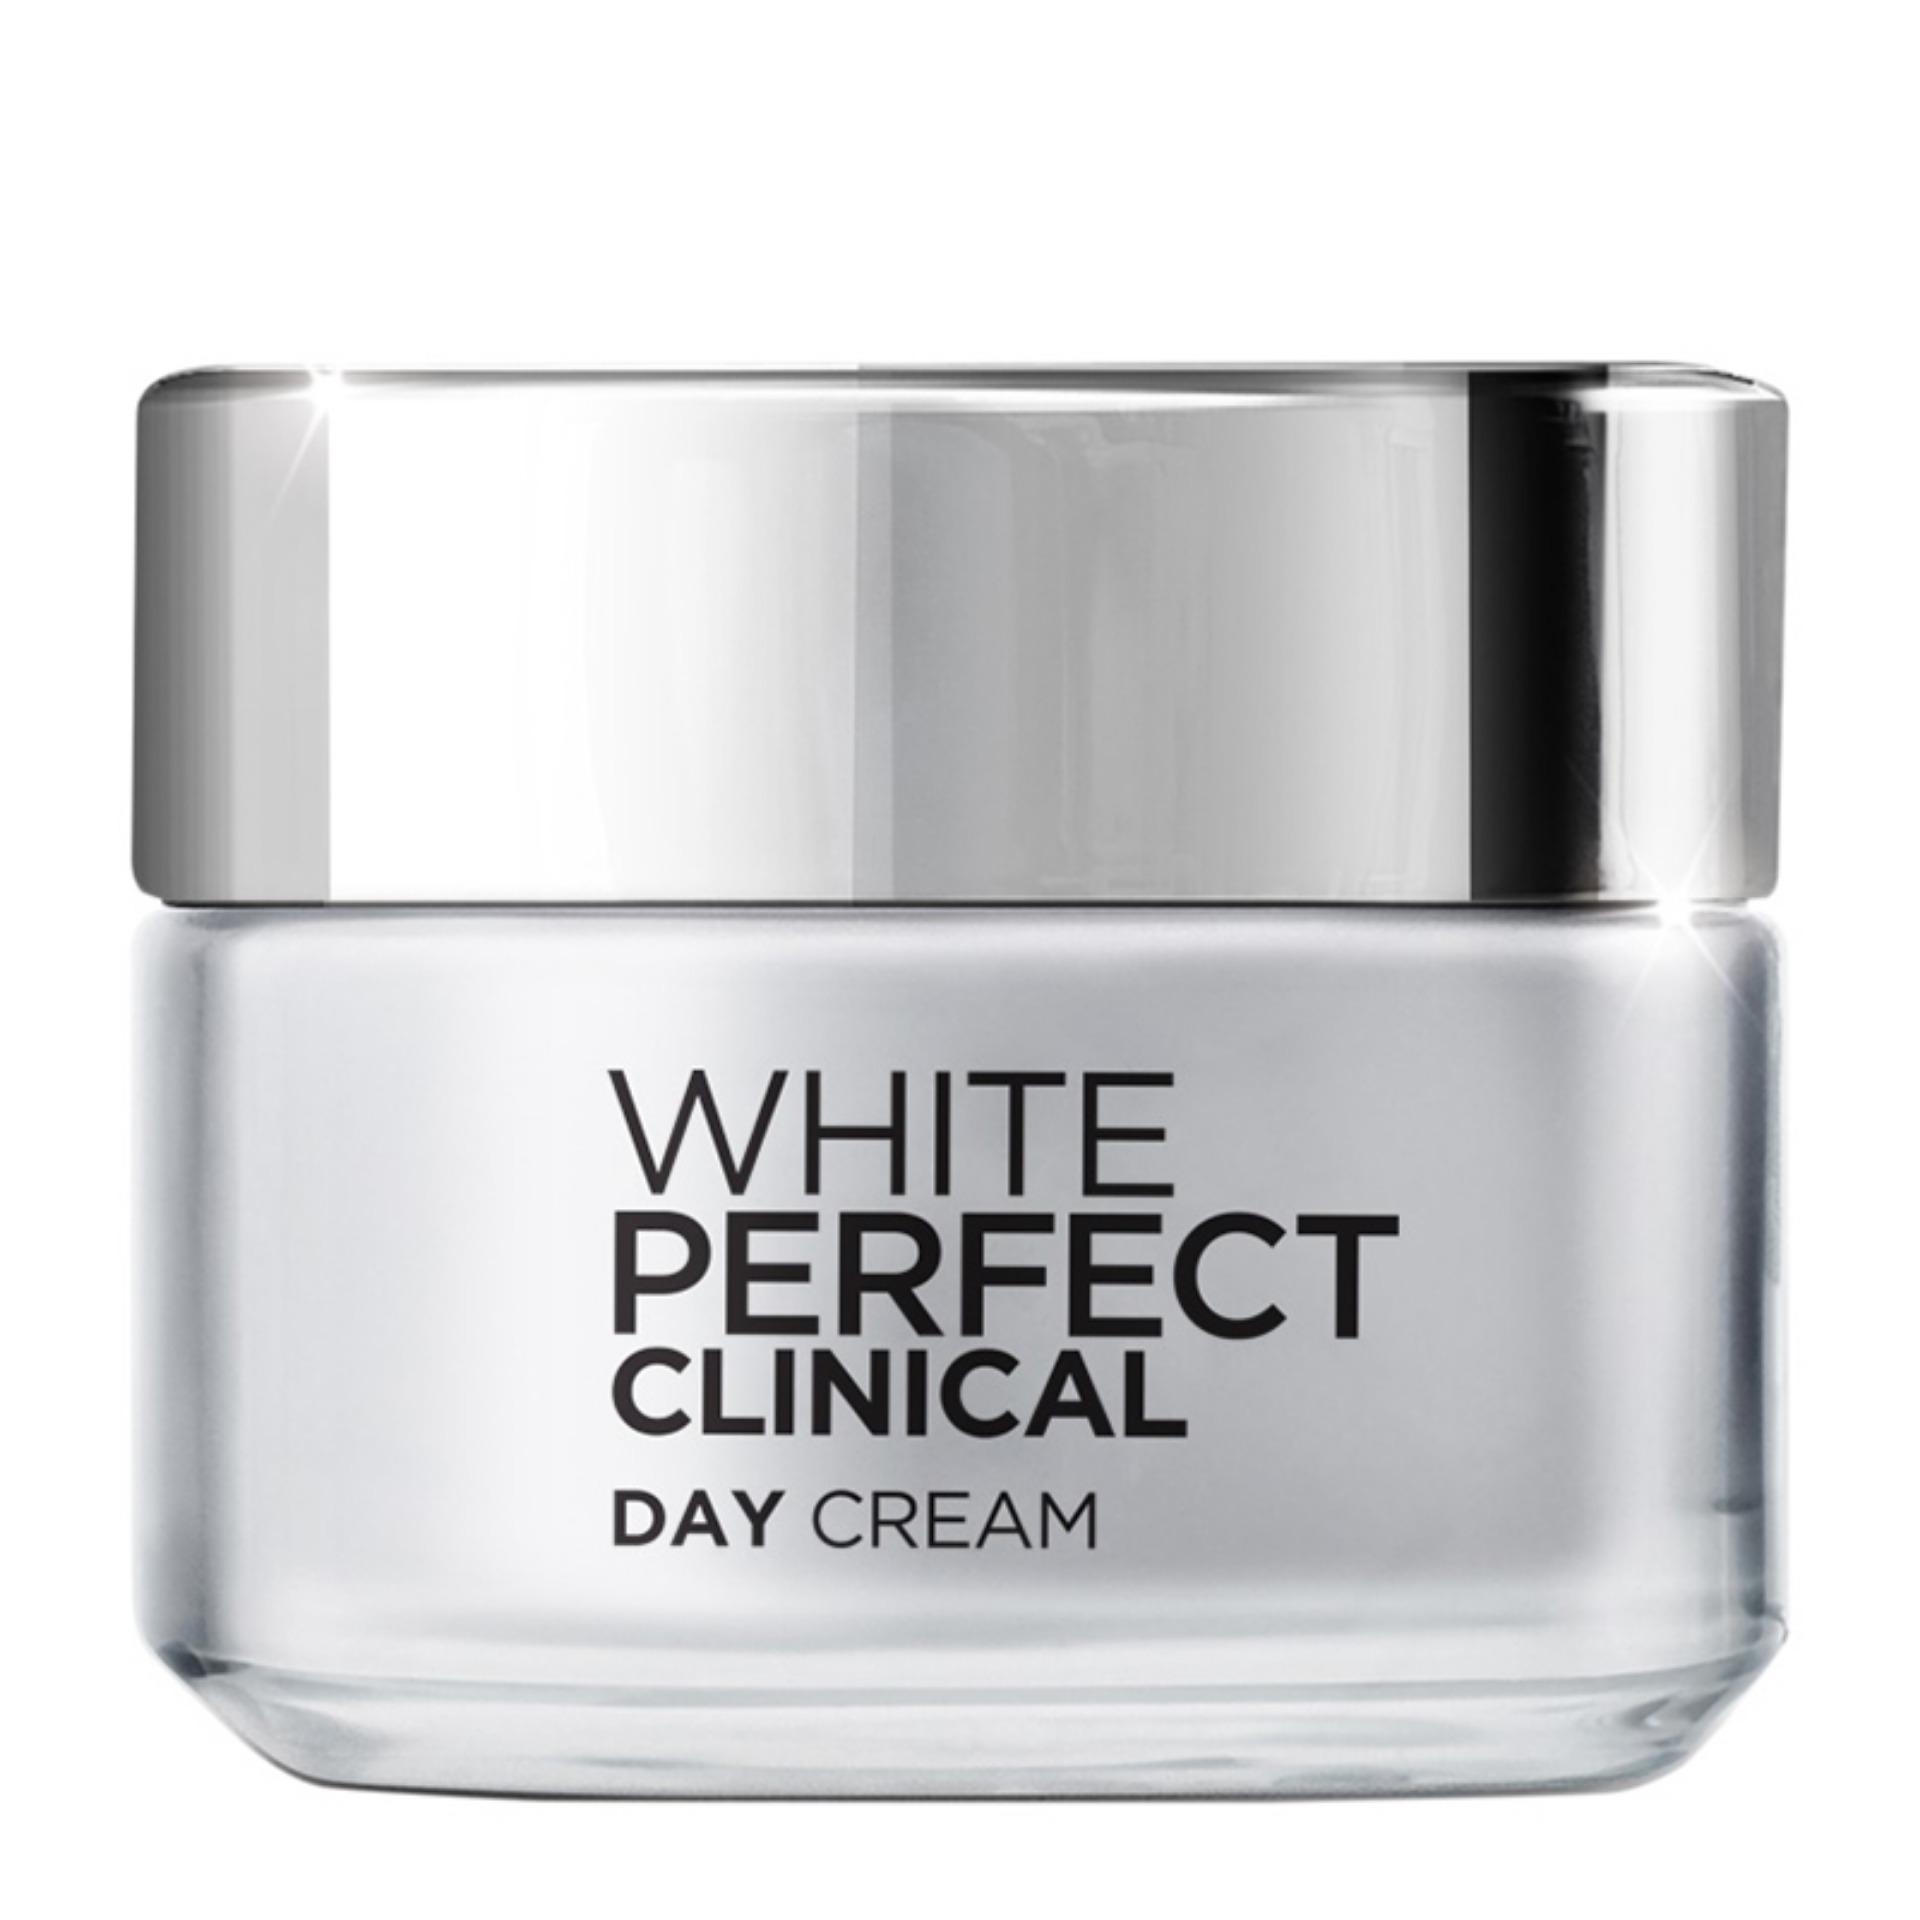 Kem dưỡng ban ngày giảm thâm nám và trắng mịn LOreal White Perfect Clinical SPF19 PA+++ 50ml